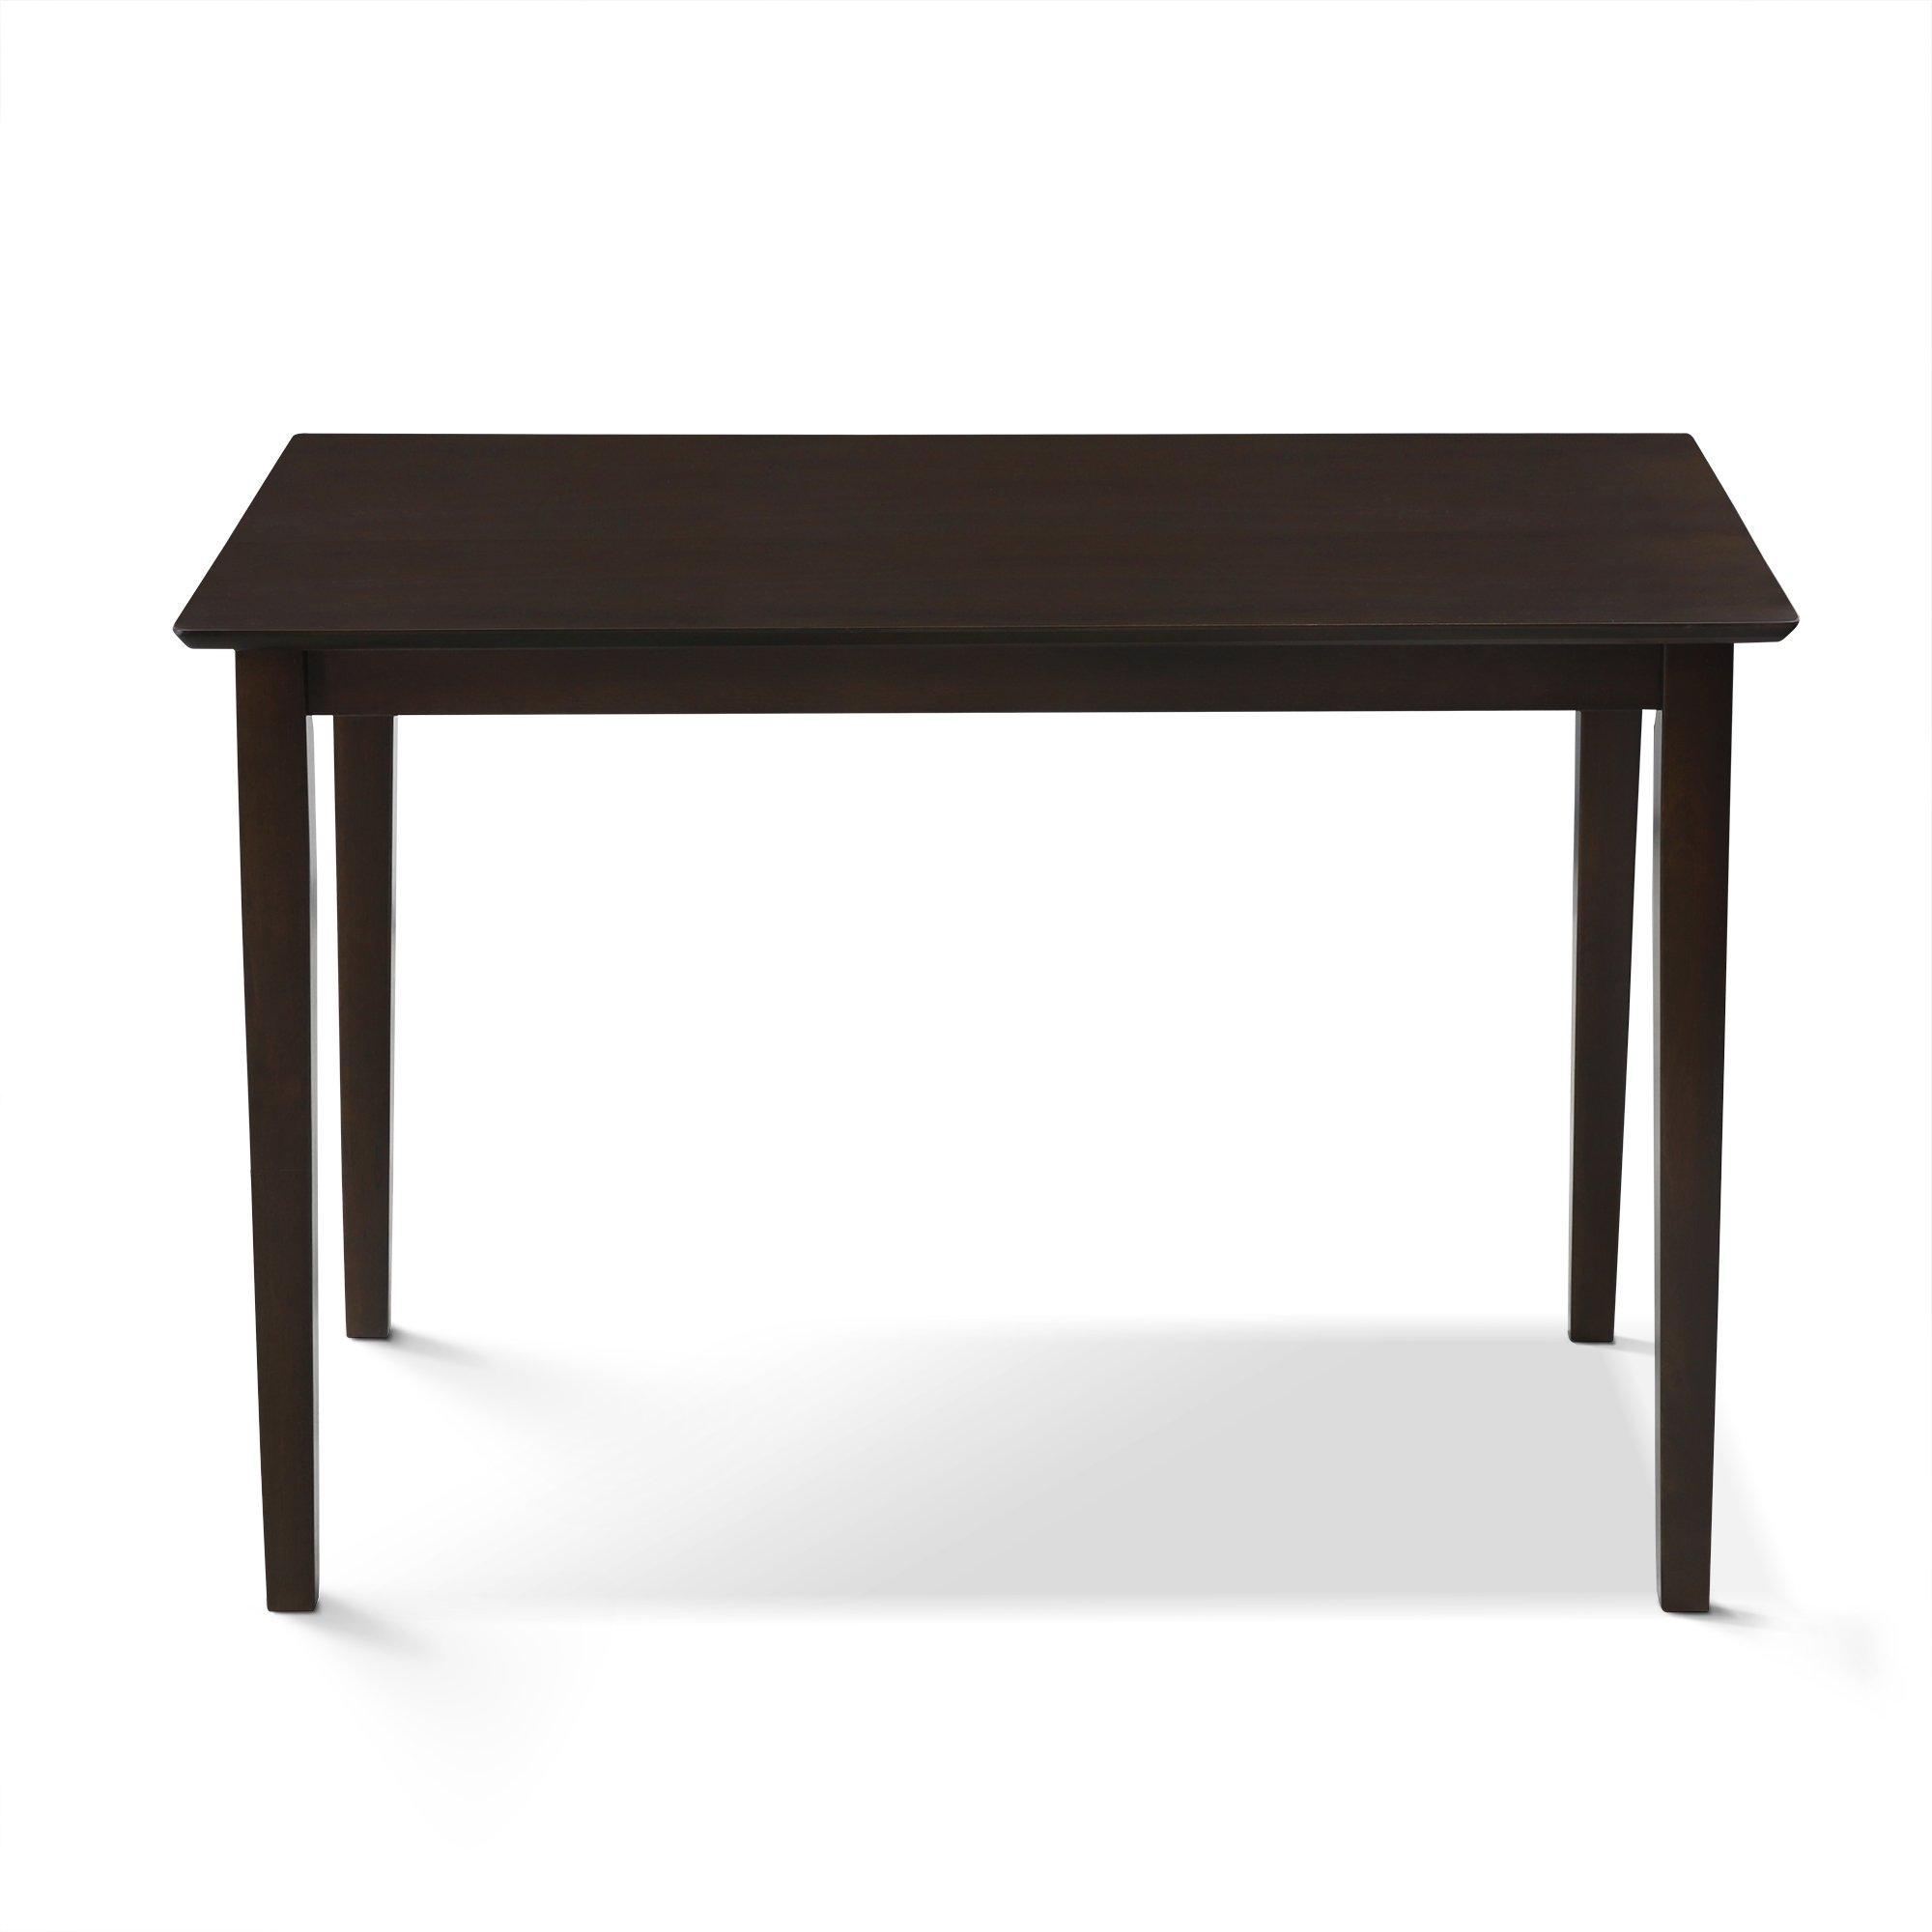 FURINNO FKDL006-T1 Fkdl006-T1 Dining Table, Espresso